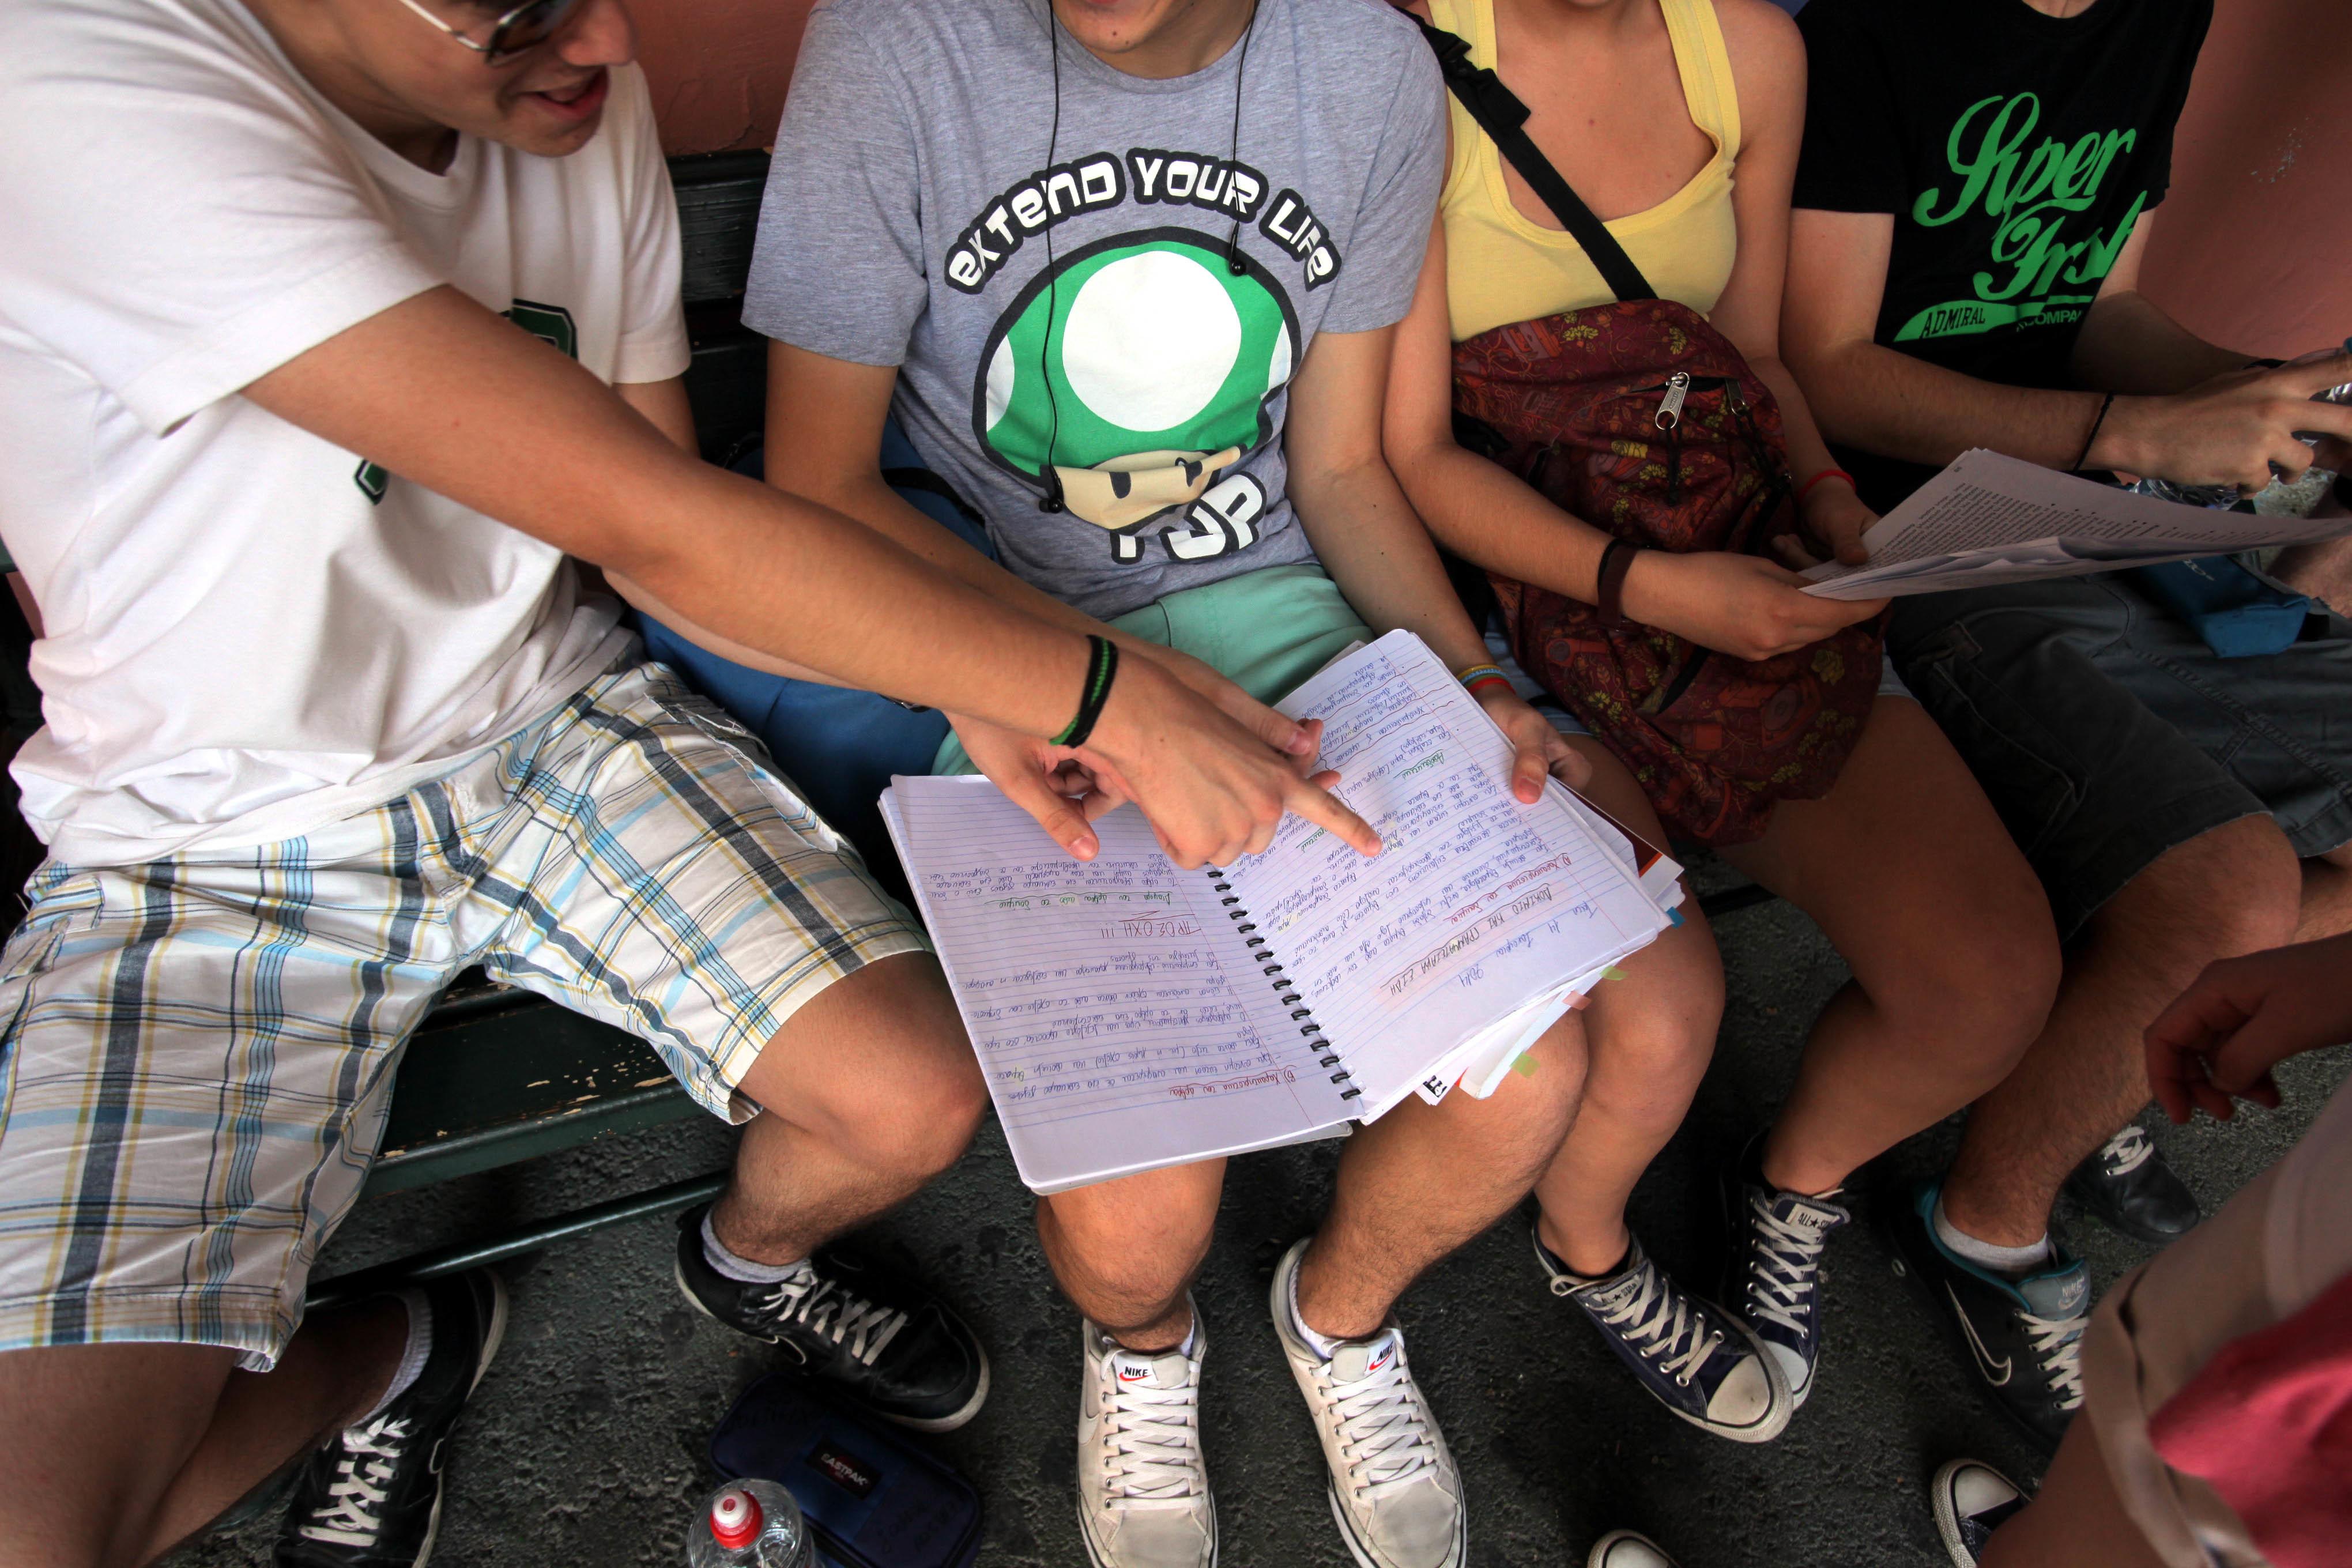 Πανελλαδικές 2014: Όλο το σχέδιο του ΣΥΡΙΖΑ για τις πανελλαδικές εξετάσεις και το νέο λύκειο